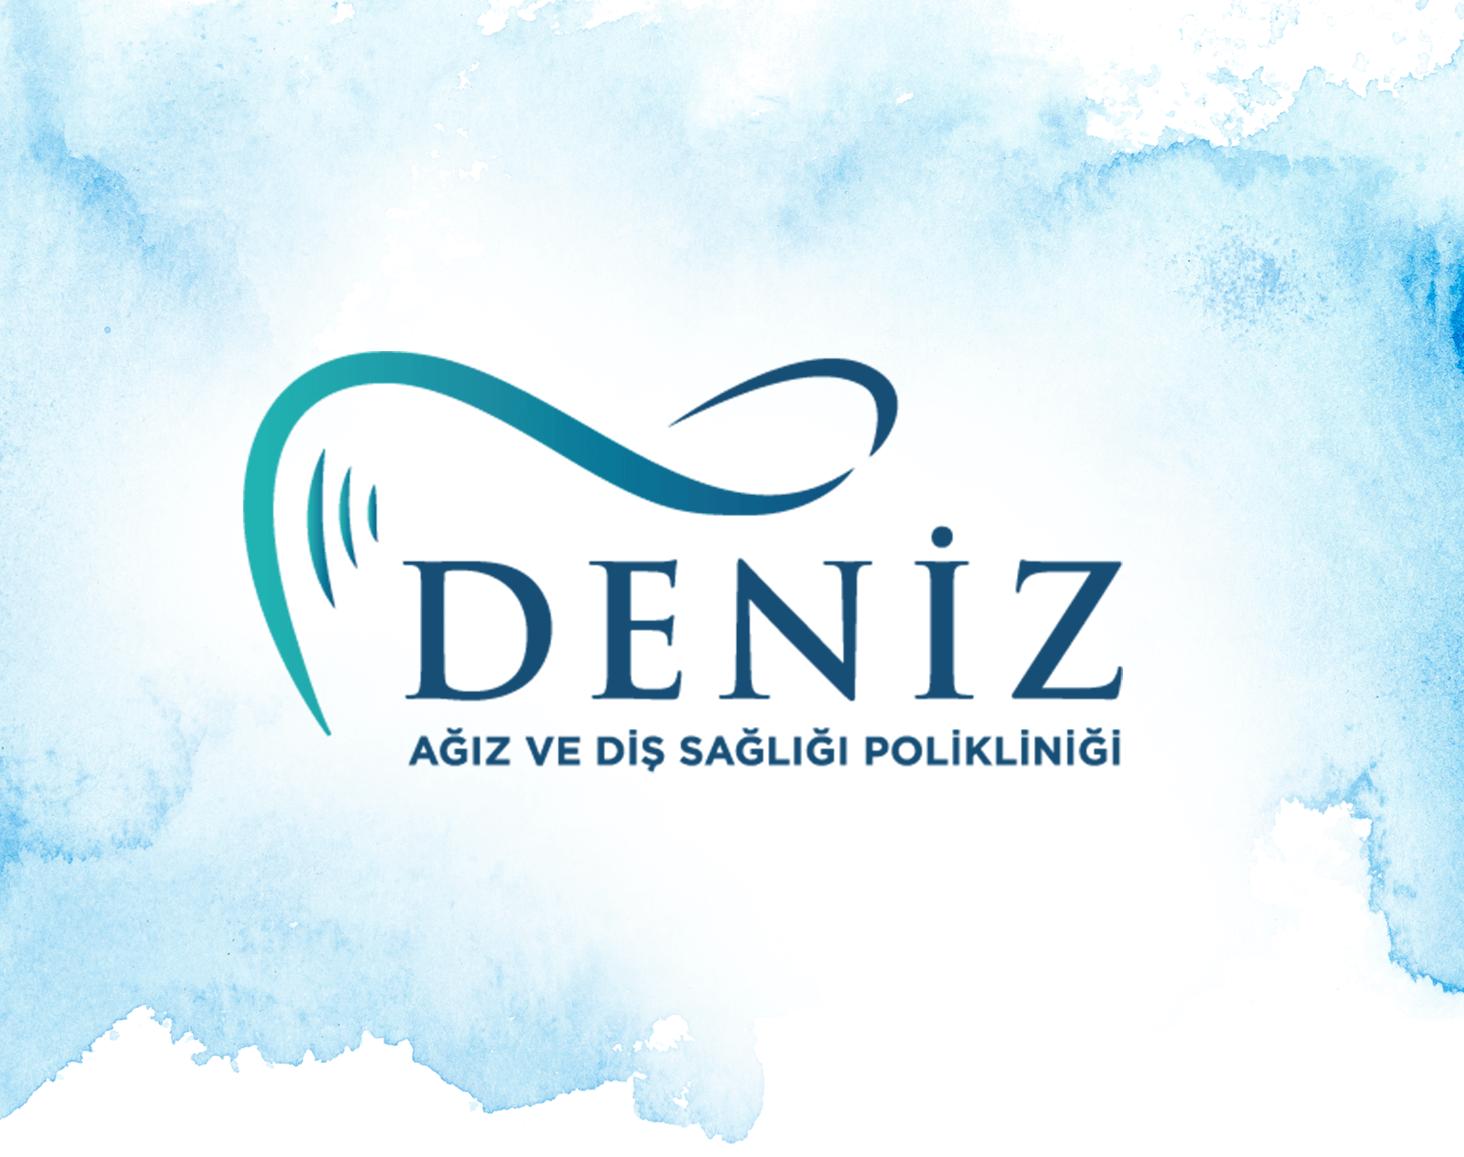 Deniz Ağız ve Diş Sağlığı Polikliniği